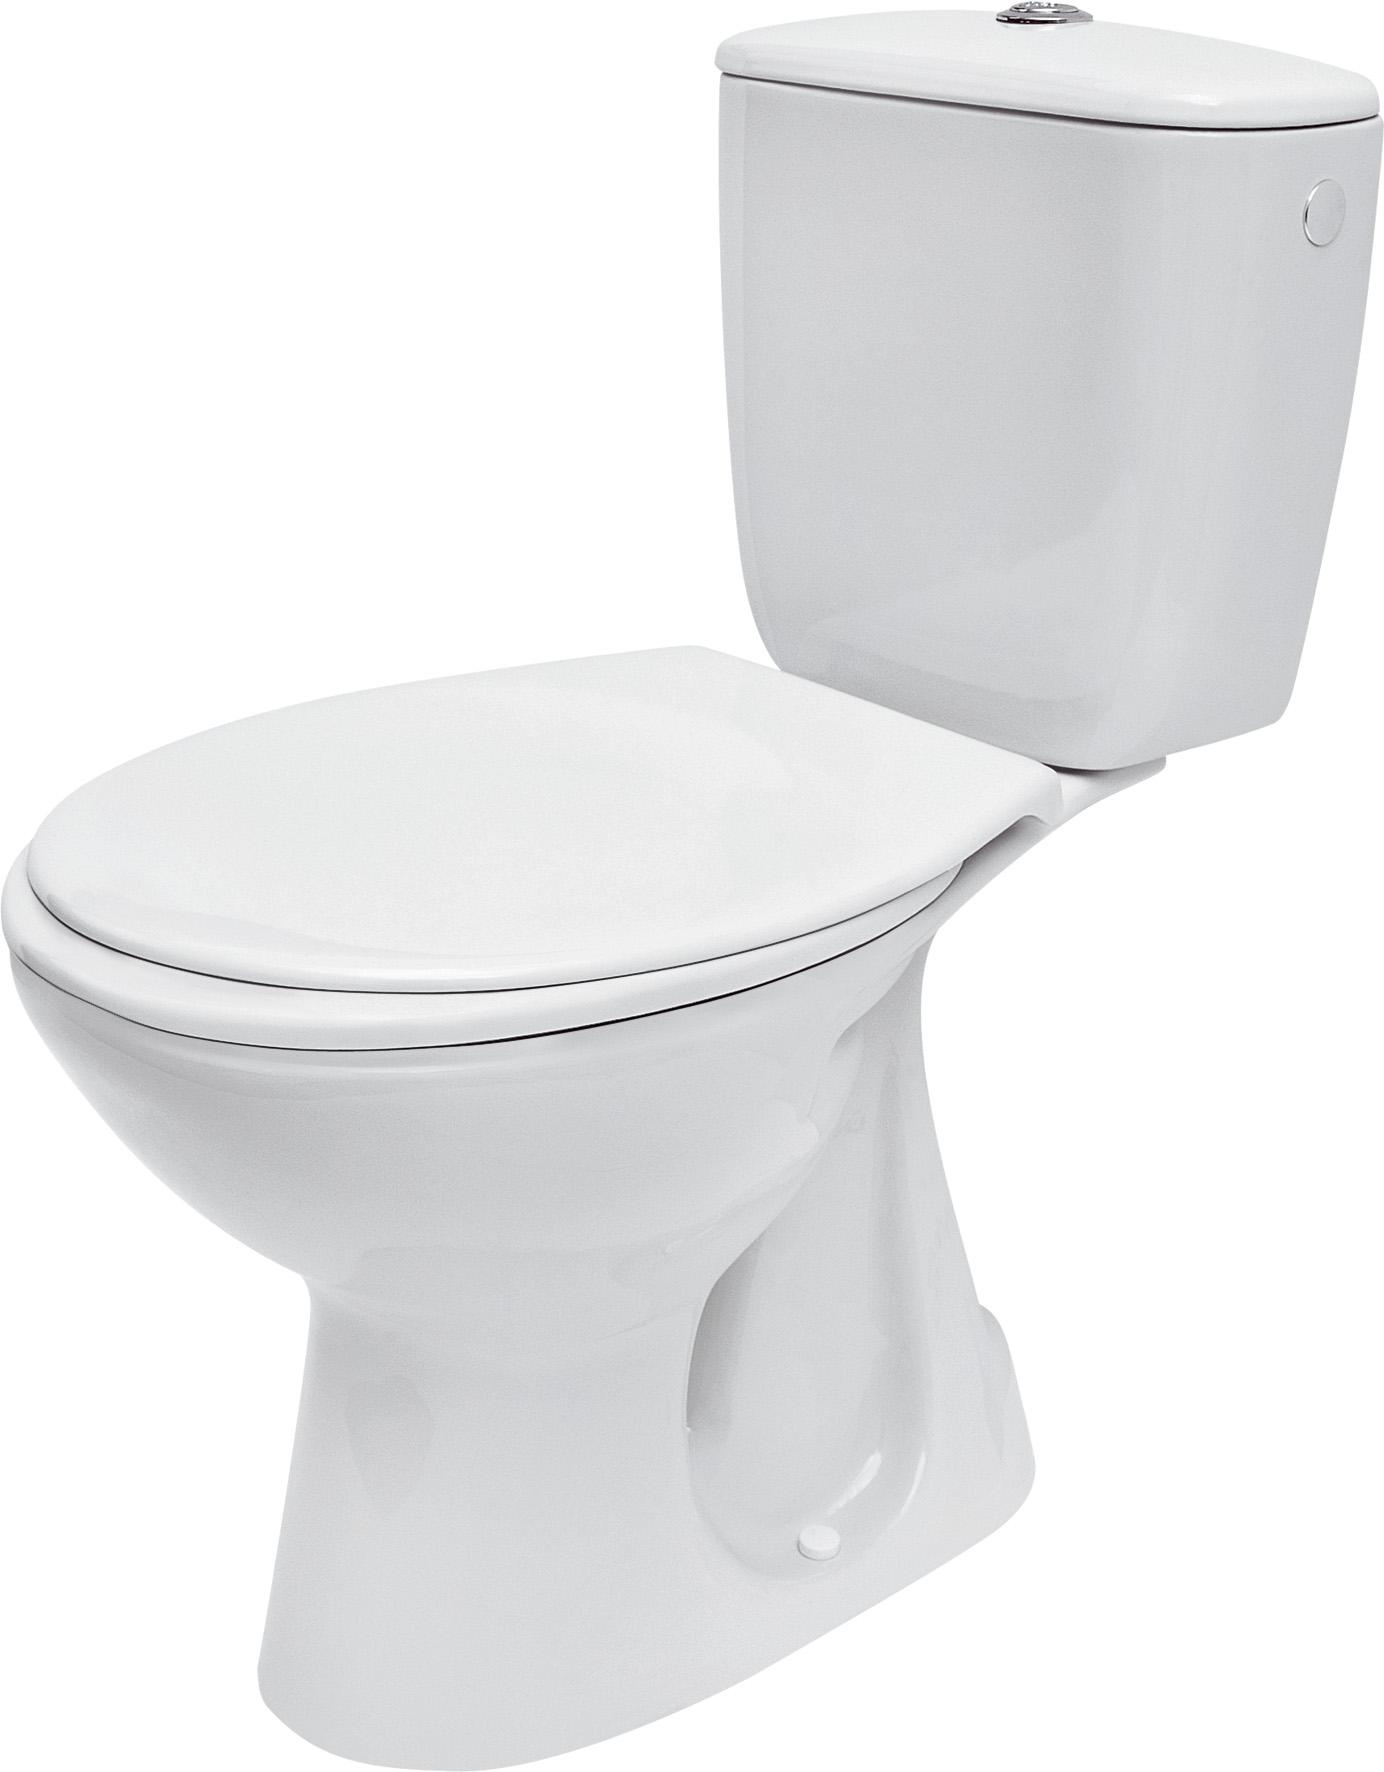 WC Kombi PRESIDENT - Spodní odpad, včetně sedátka - K08-029 CERSANIT K08-029